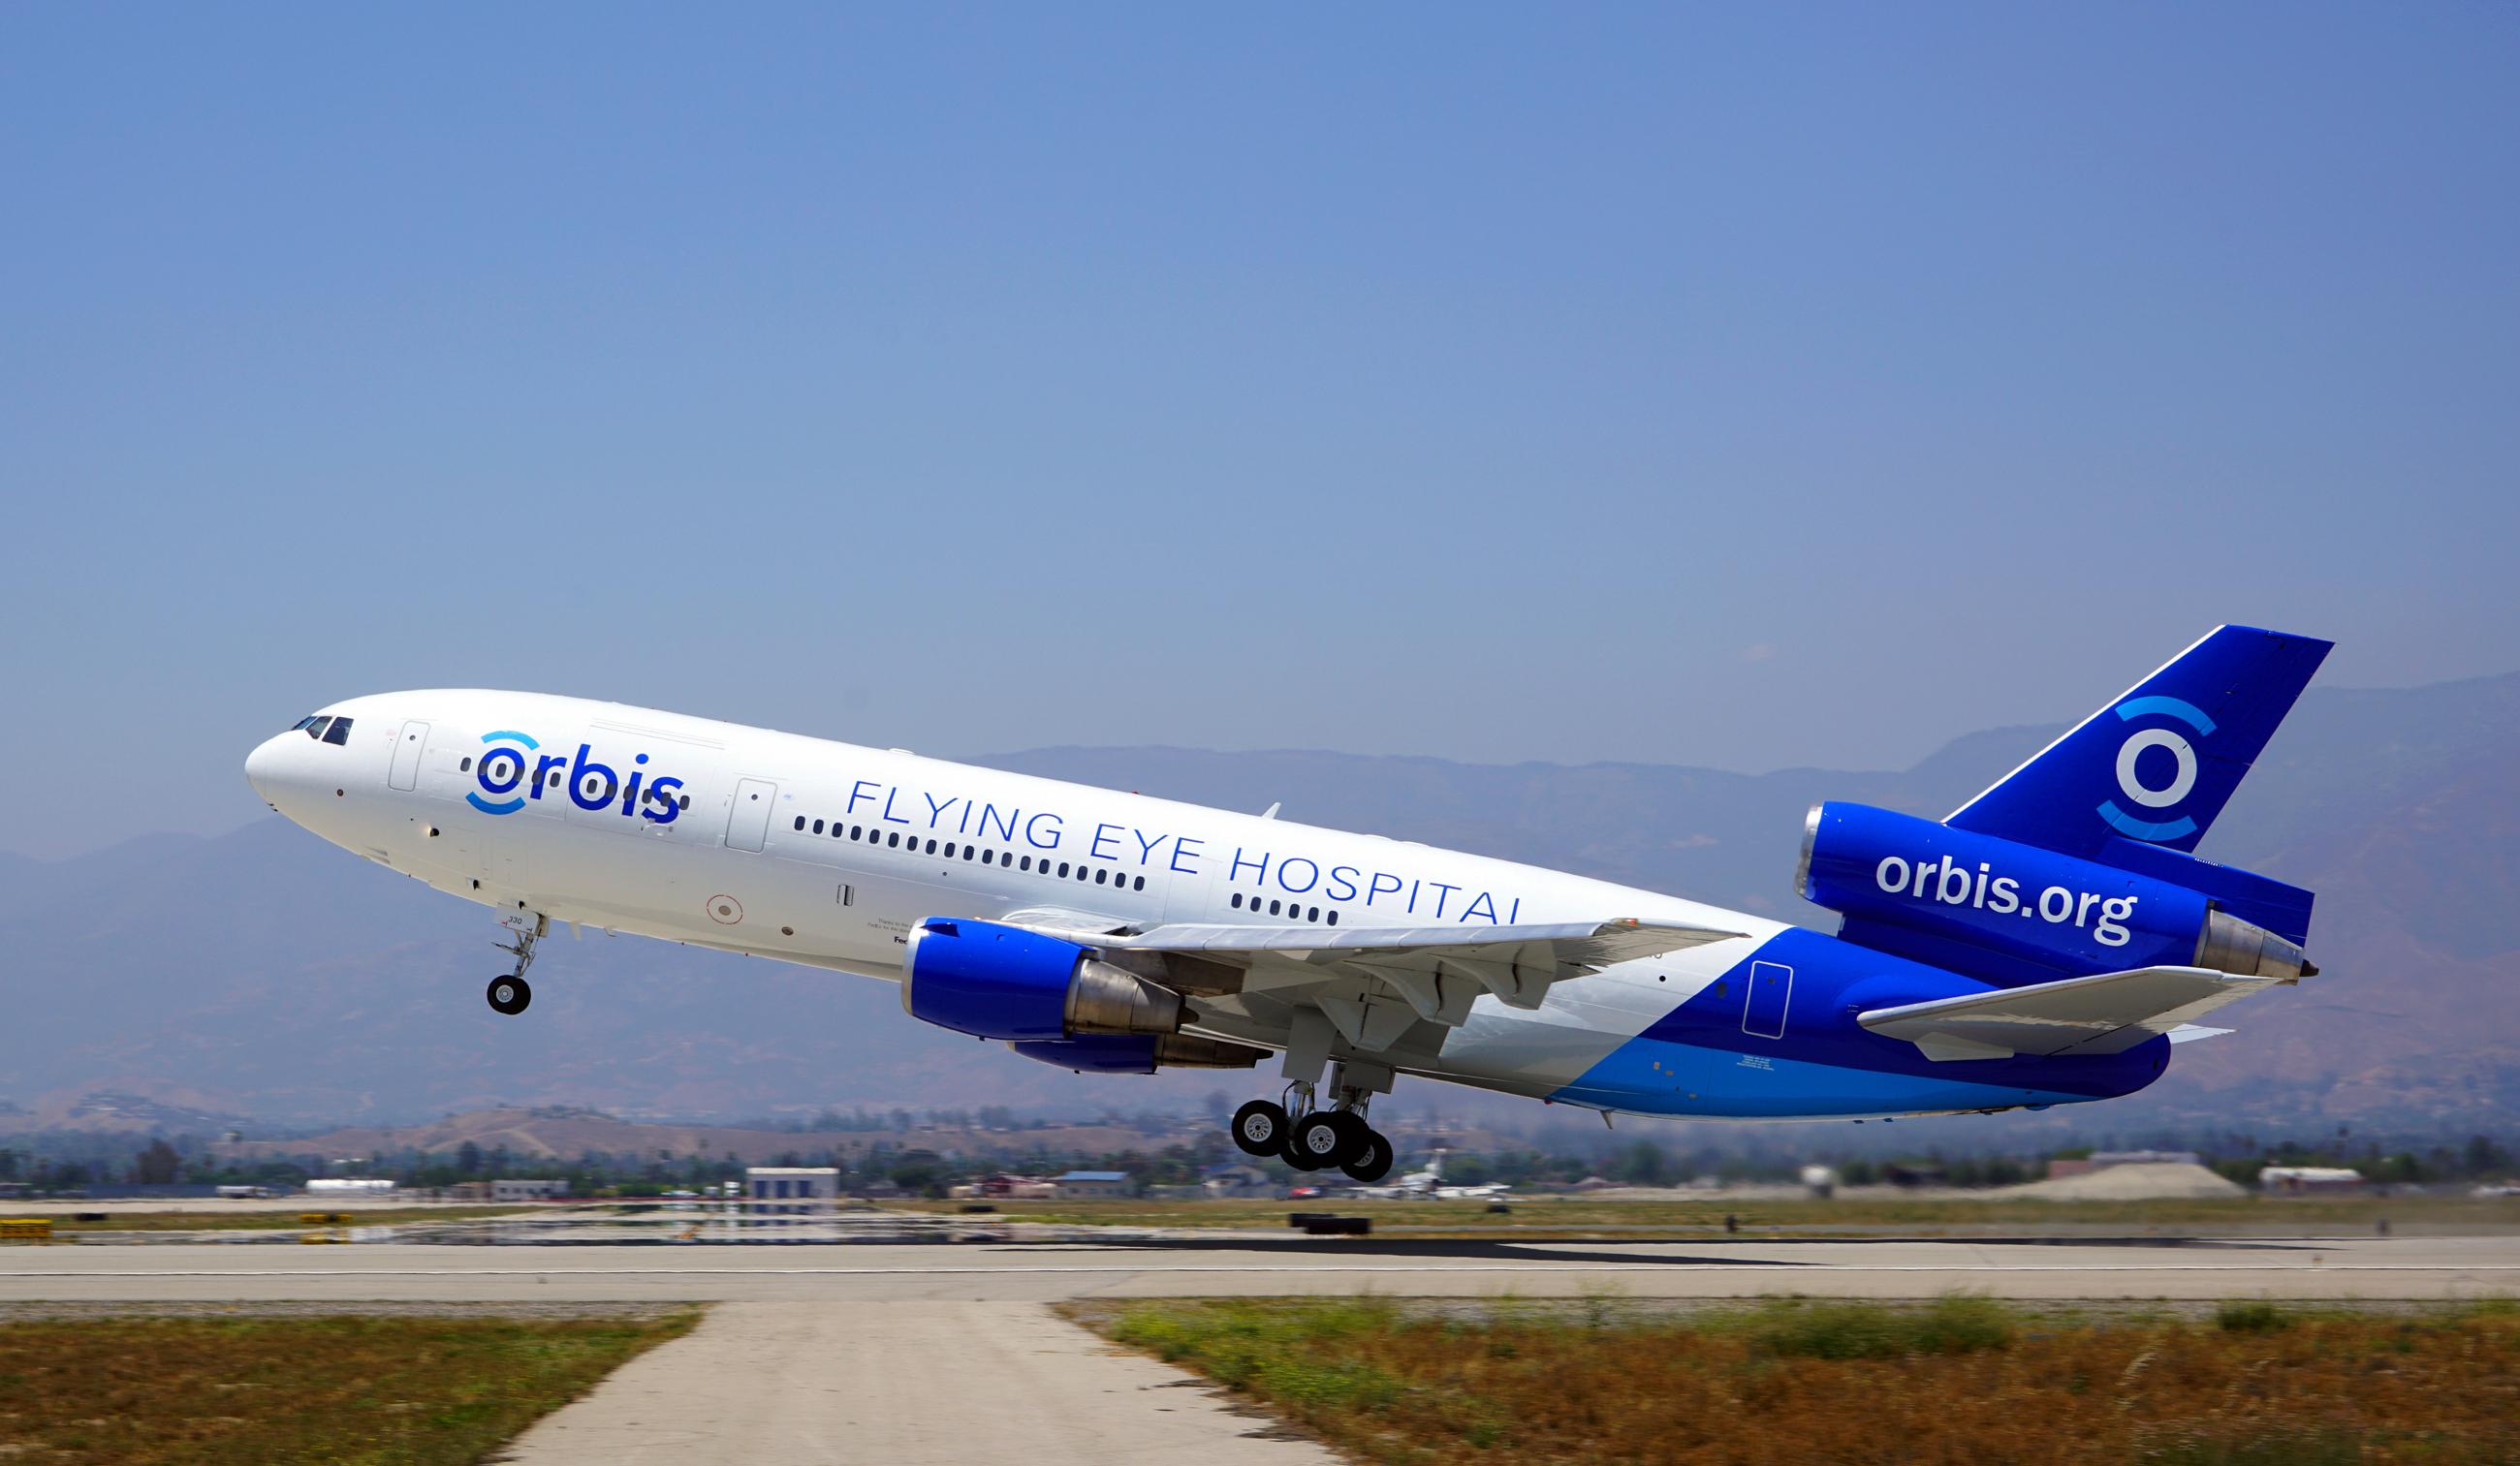 Orbis Aircraft